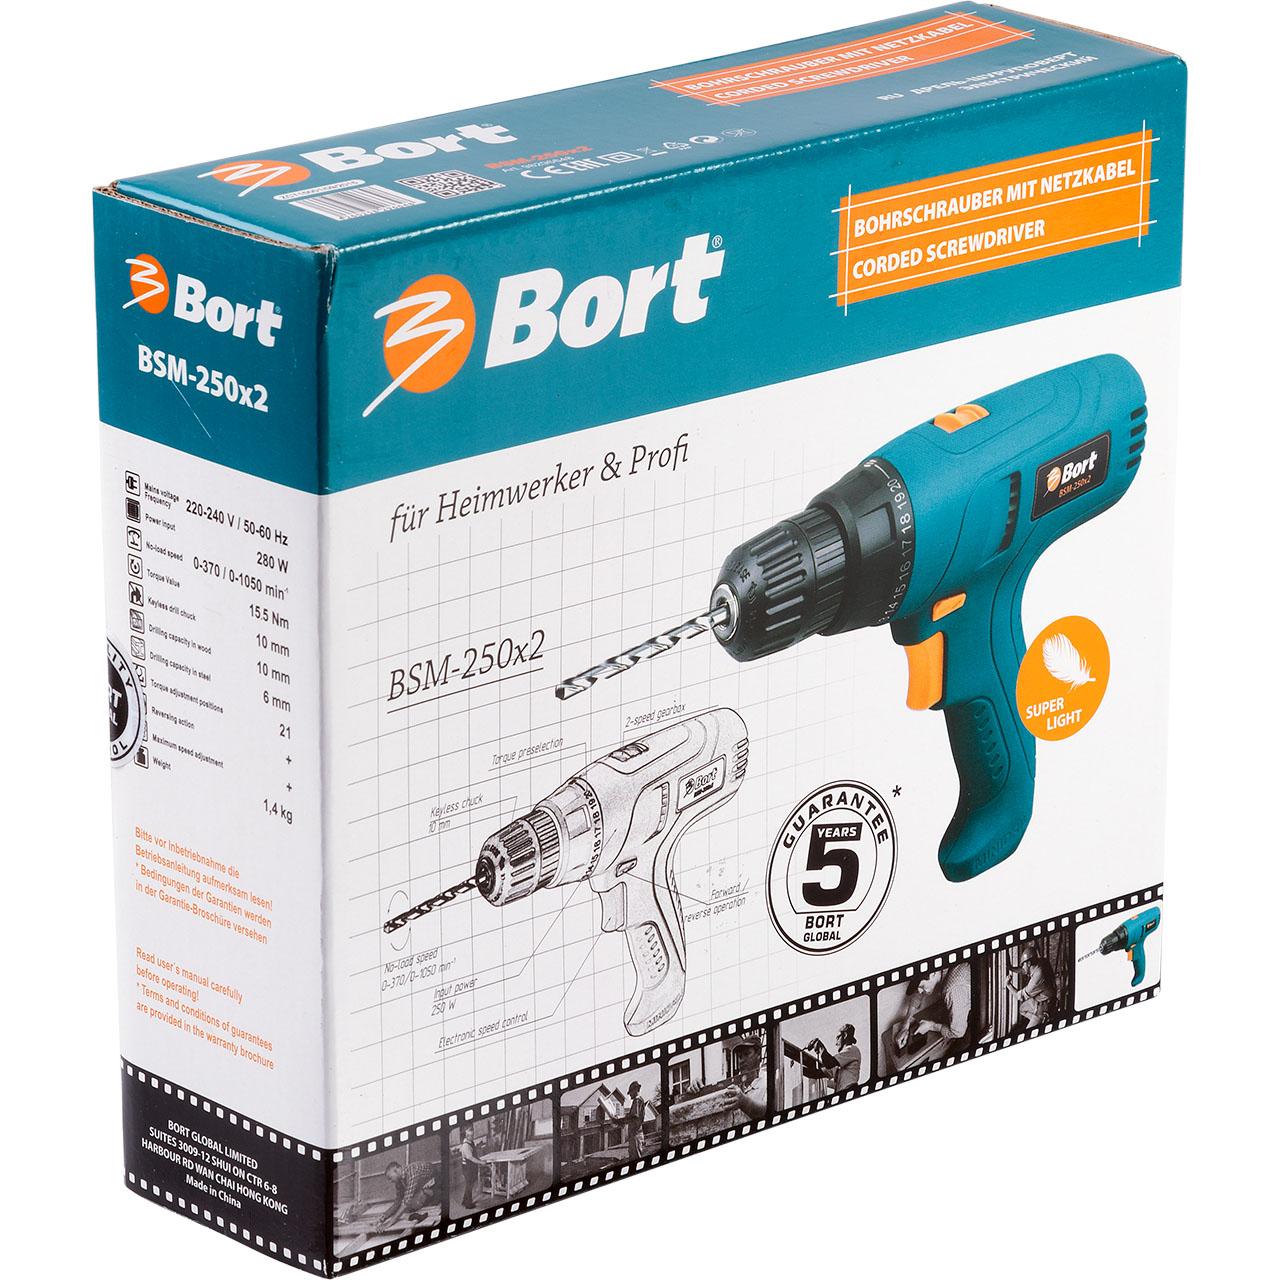 Дрель-шуруповерт электрическая Bort BSM-250x298296648Дрель-шуруповерт Bort BSM-250x2 - компактный инструмент с одной из лучших в своём классе эргономик. Малый вес, очень удобная ручка, специально разработанная конструкция с отличным балансом. Благодаря всем этим параметрам все работы выполняются не просто легко, но и с удовольствием: никакой утомляемости, удовольствие от полного контроля за дрелью. Компактный размер инструмента кроме того позволяет работать в ограниченном пространстве: это сборка и ремонт мебели, монтажные работы в стесненных условиях. Наличие регулировки ограничения крутящего момента и реверс превращают Bort BSM-250x2 в полноценный шуруповёрт. Двухскоростной редуктор расширяет области применения - от закручивания на низких оборотах, до сверления на высоких. А быстрозажимной патрон надежно фиксирует оснастку и не требует специального ключа для ее замены.Напряжение: 230 В. Мощность: 280 Вт. Регулировка крутящего момента: 21.Тип патрона: быстрозажимной патрон.